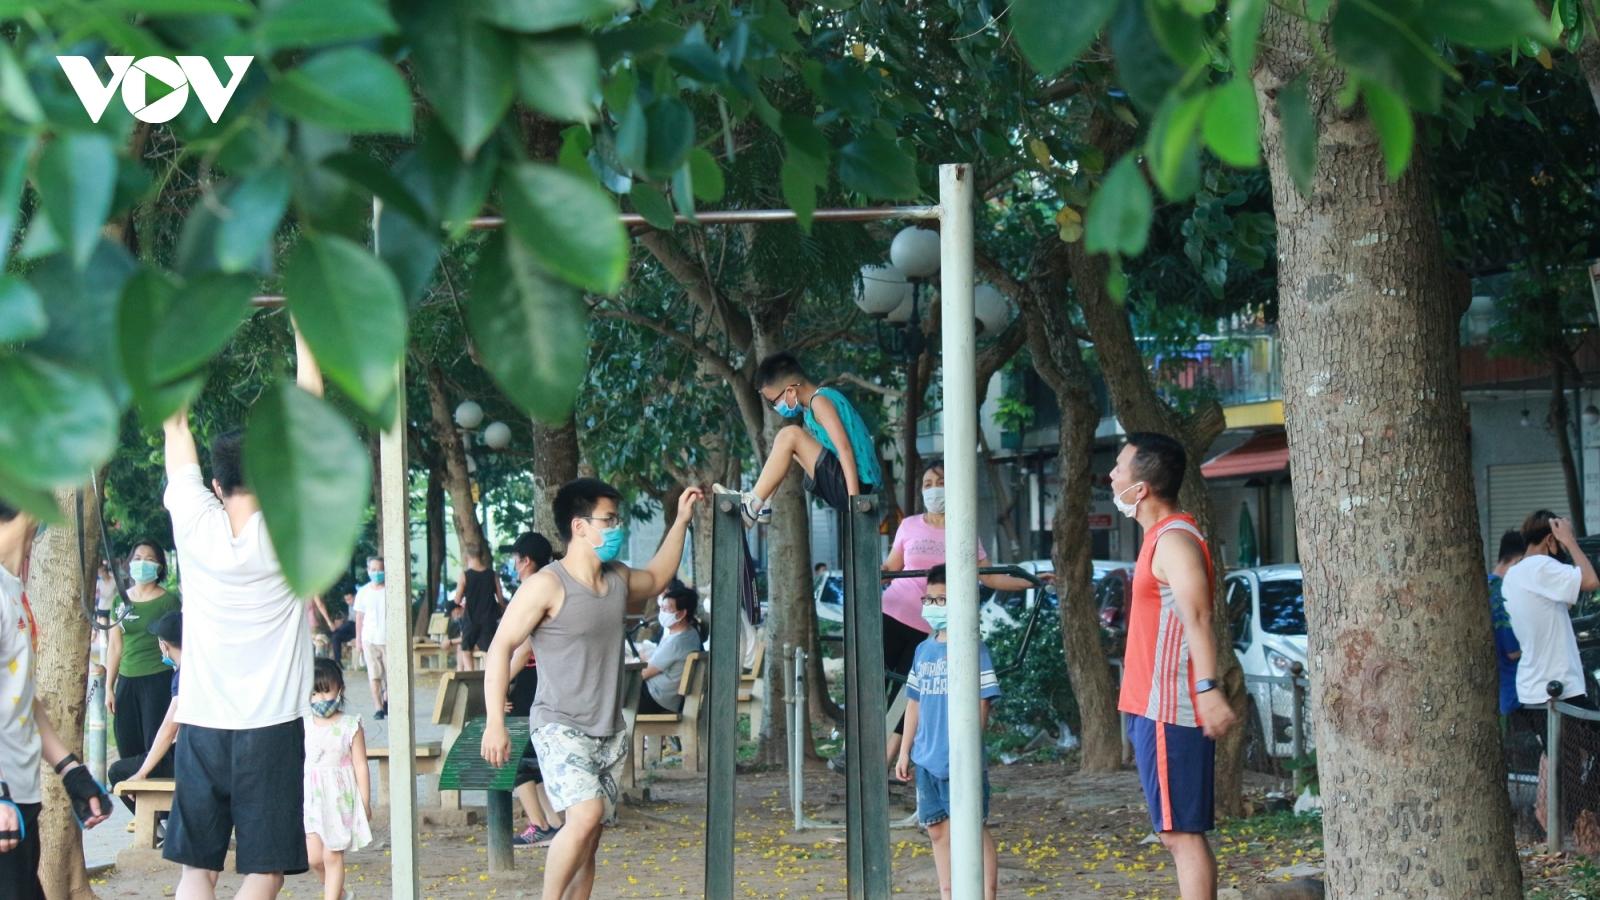 Người dân tập thể dục kín hồ Trung Văn, bất chấp quy định phòng chống dịch